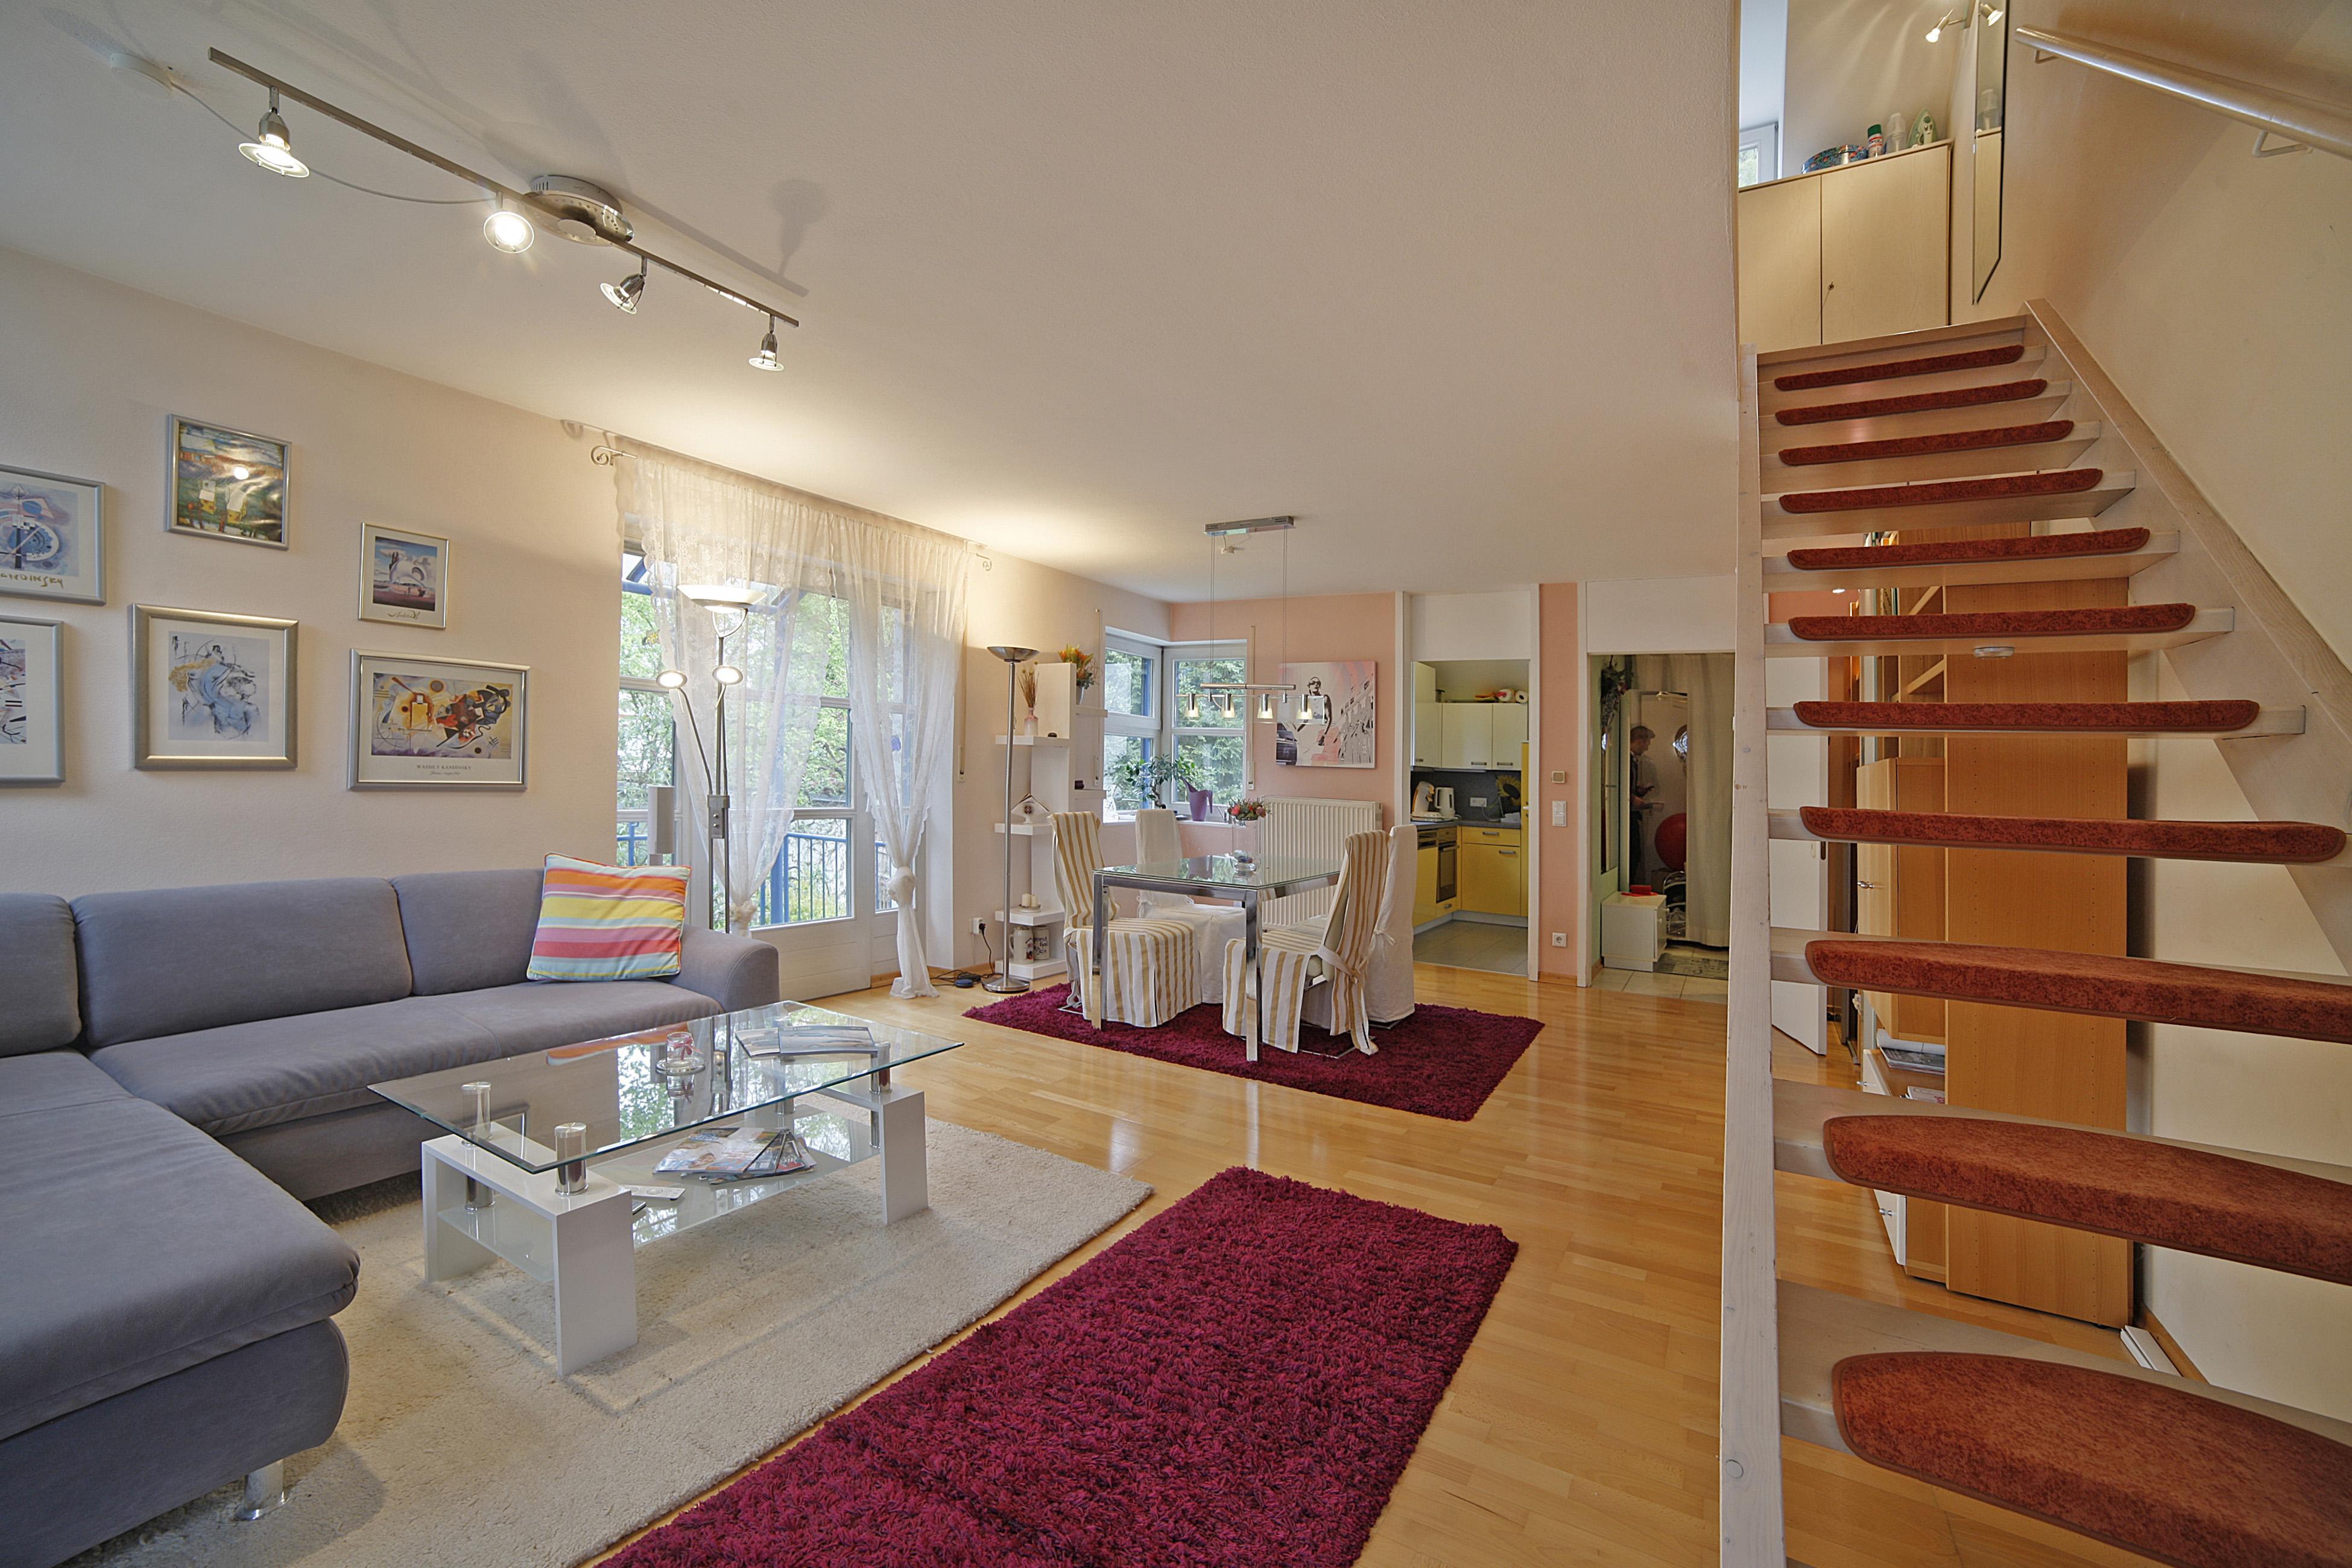 eigennutzung oder kapitalanlage dg maisonette wohnung ihr immobilienspezialist aus m nchen. Black Bedroom Furniture Sets. Home Design Ideas